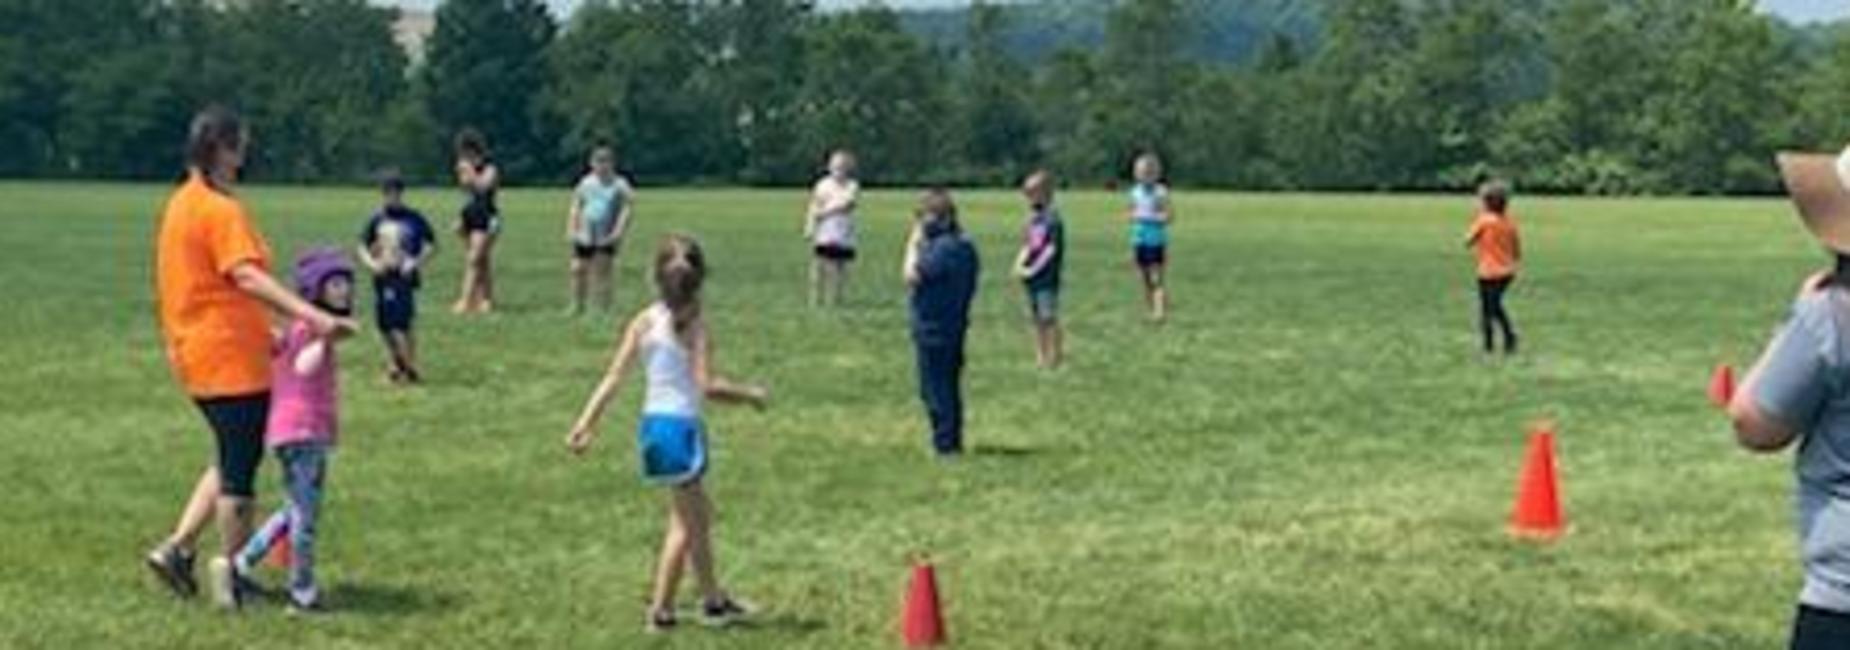 Field & STEAM Day - 2 & 3